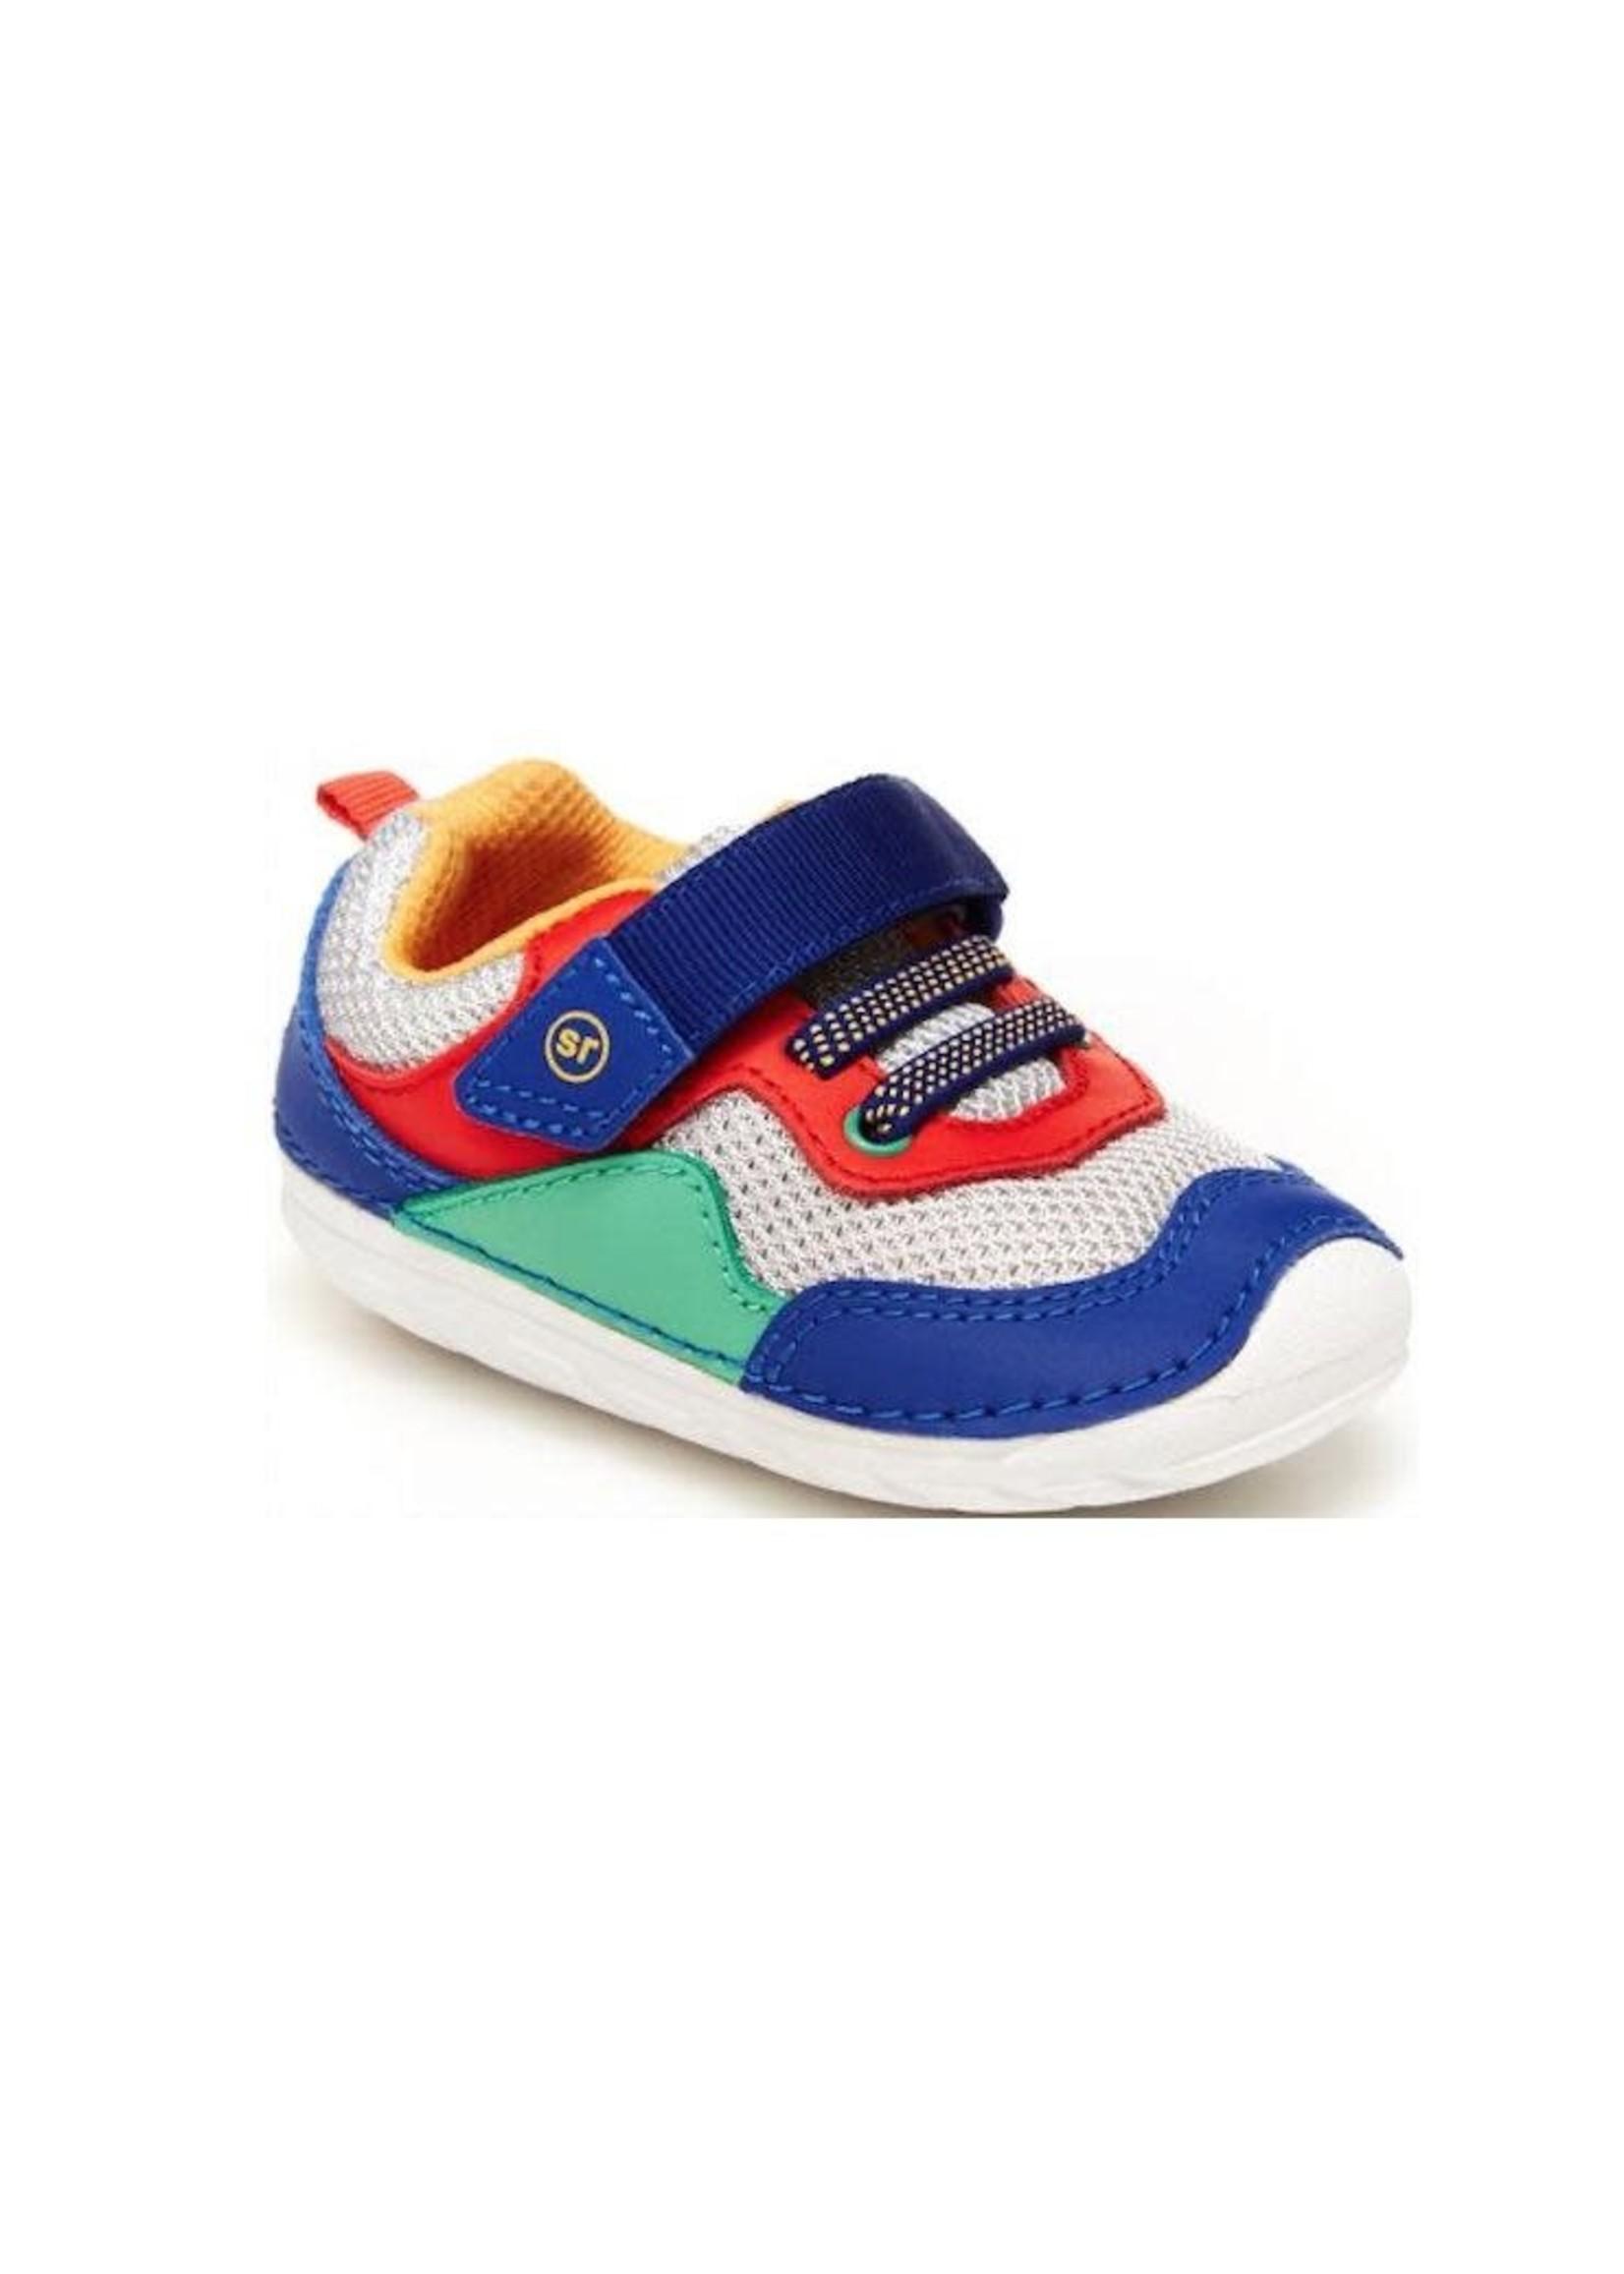 Striderite Stride Rite, Soft Motion Rhett Sneaker Multi